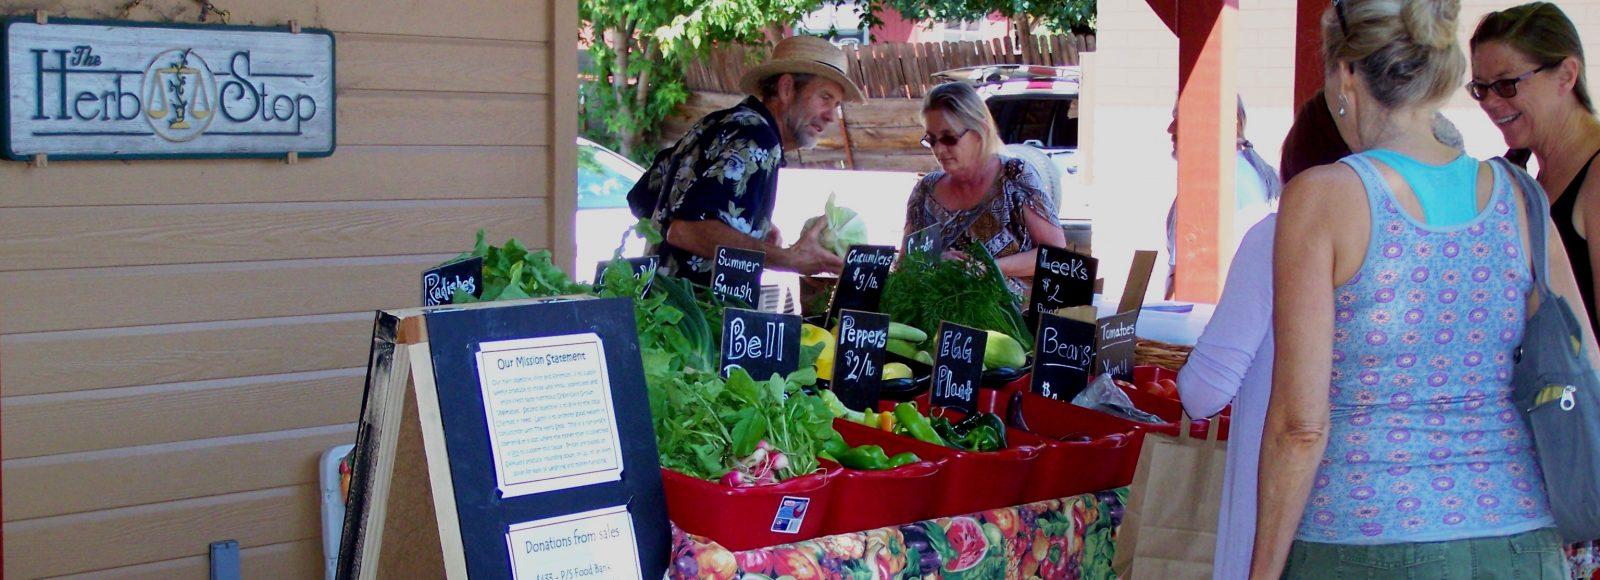 Pine Farmers Market